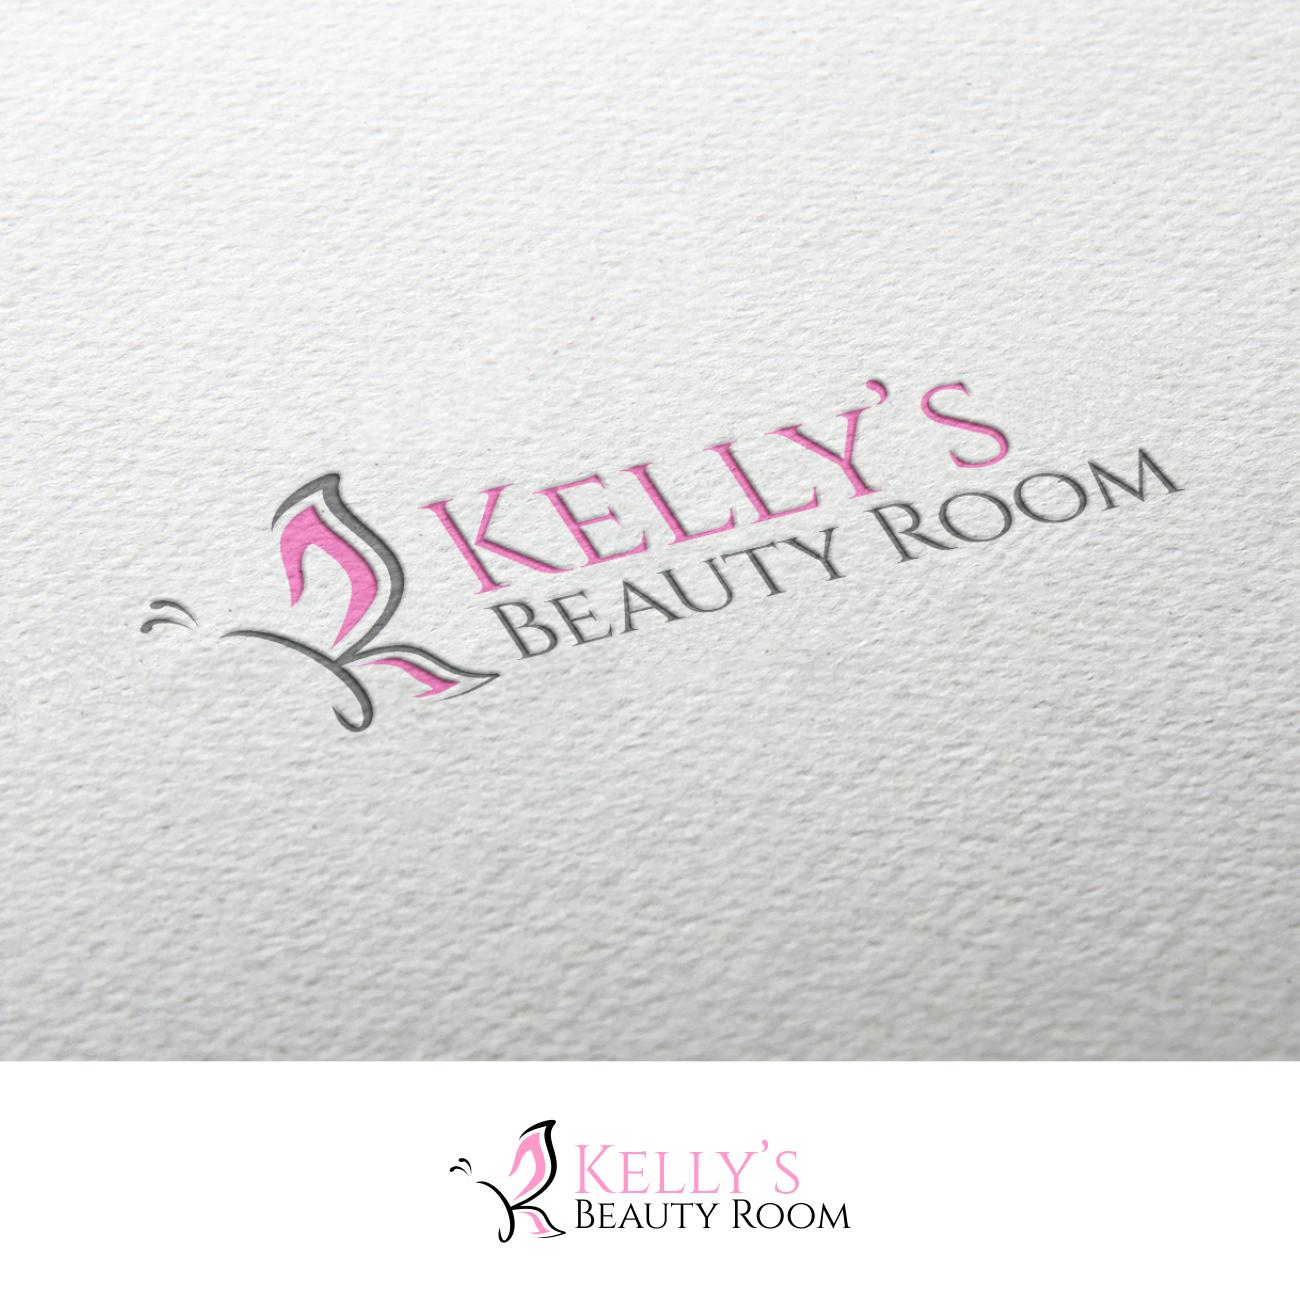 Bold Playful Nail Salon Logo Design For Kelly S Beauty